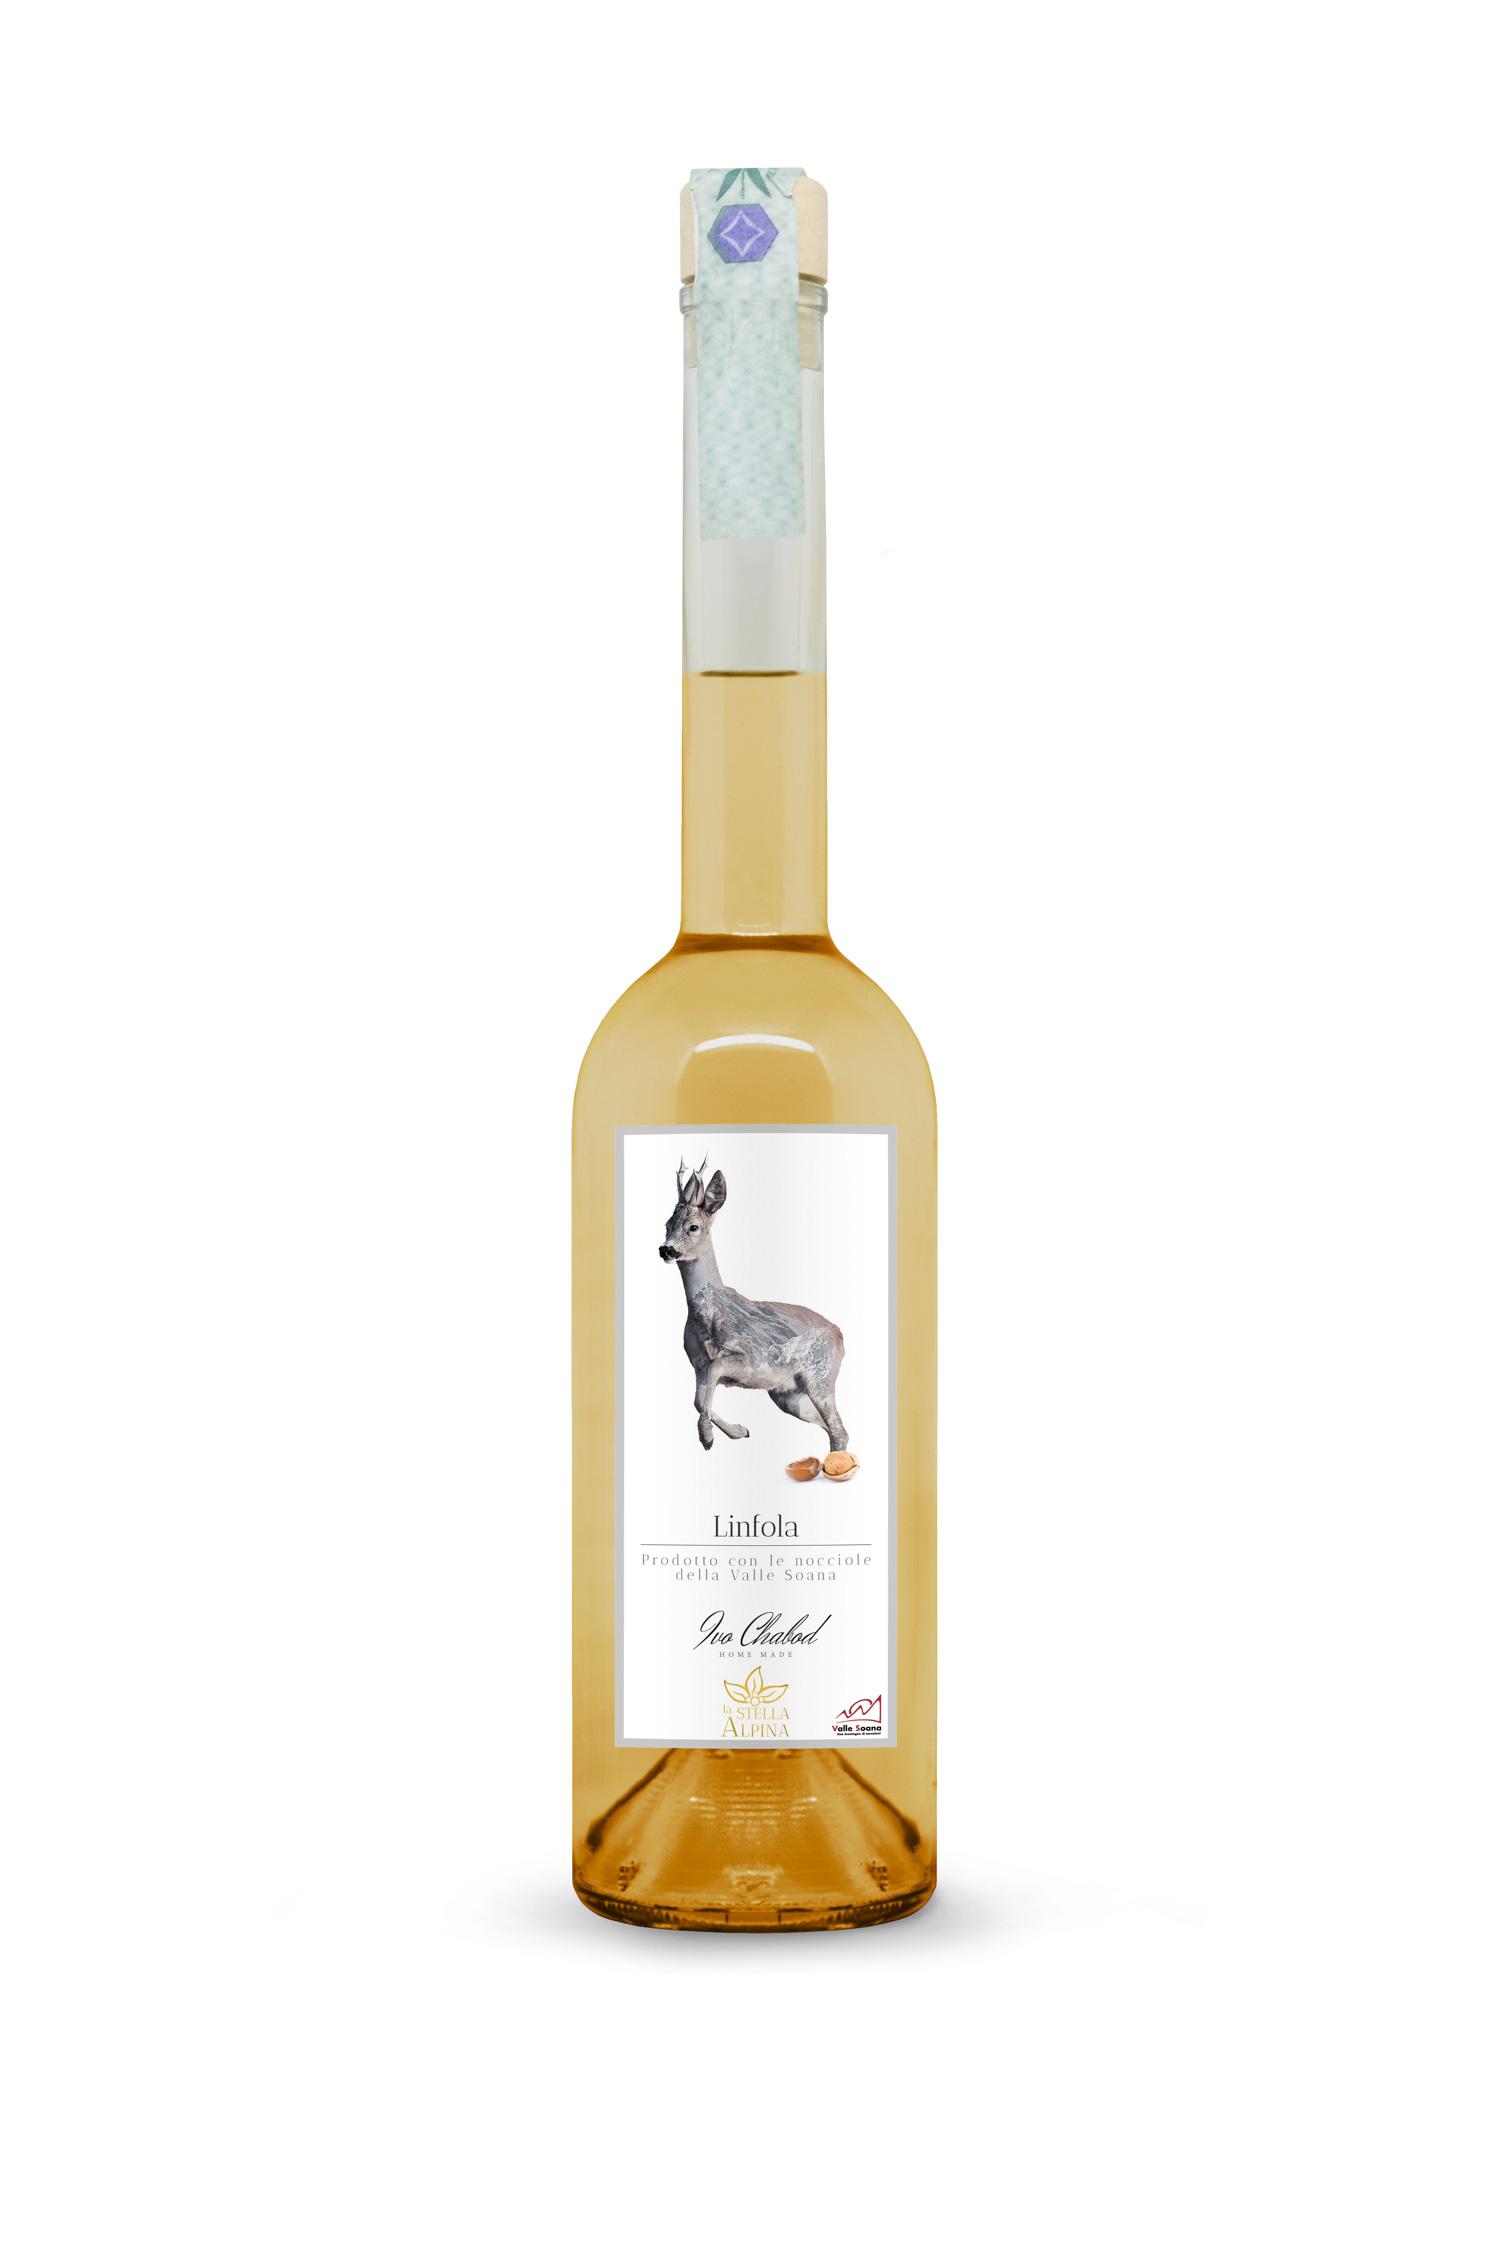 Liquore Linfola Nocciole valle soana